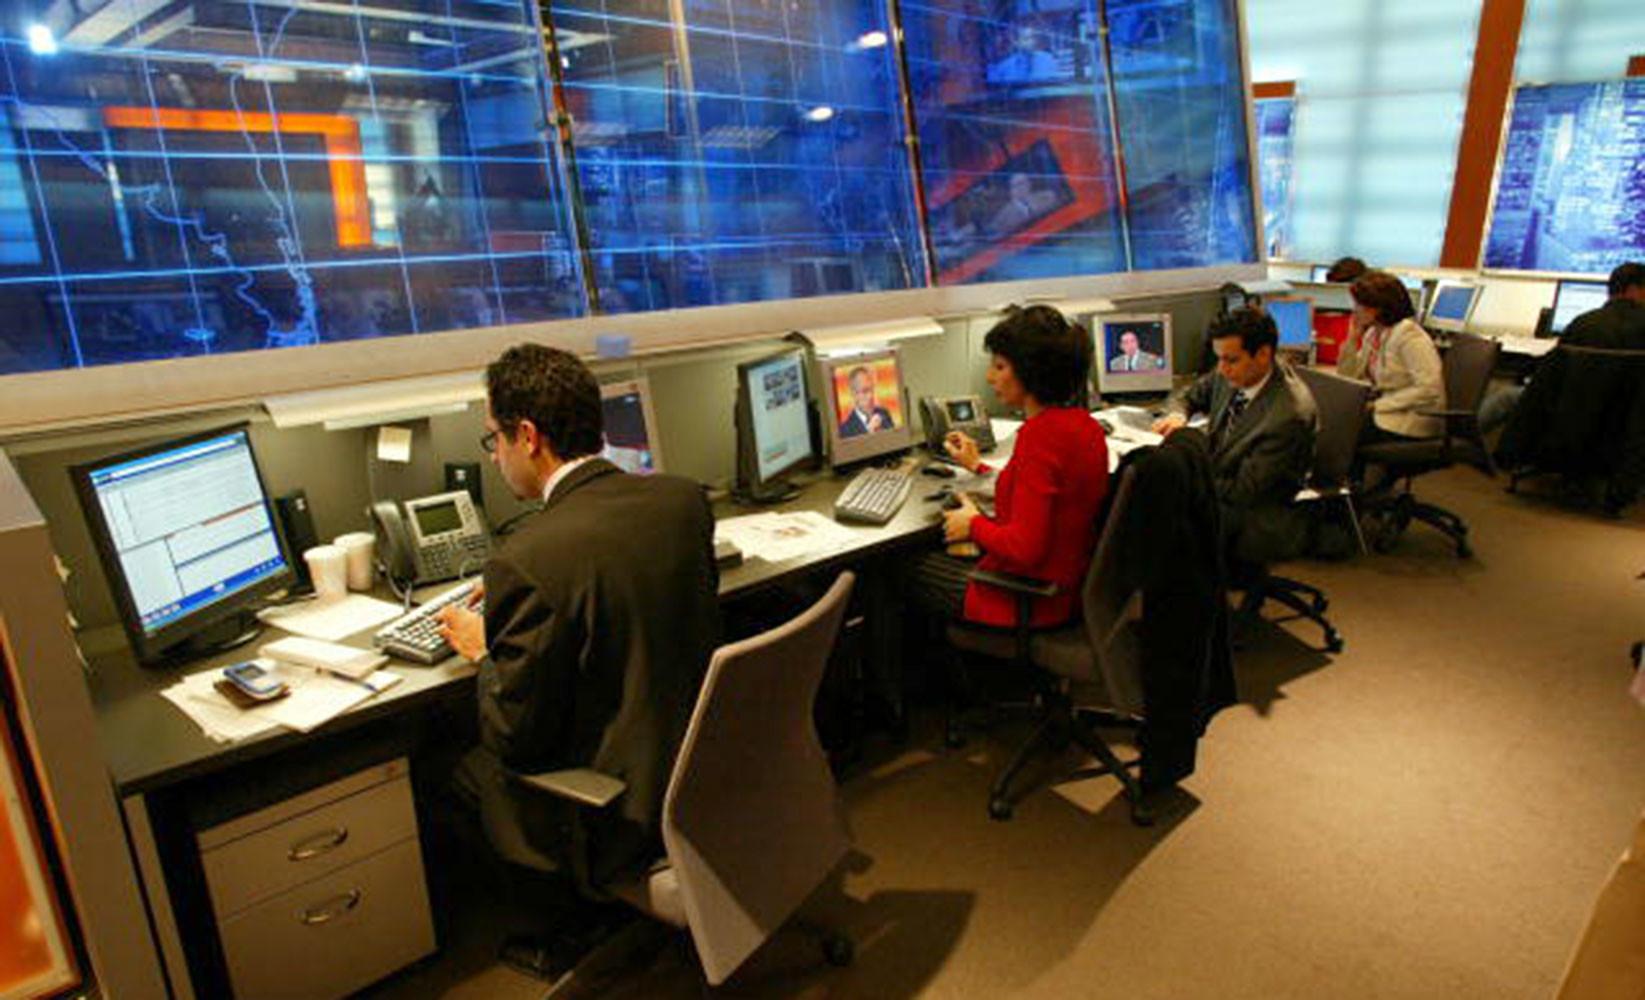 правительственное агентство США заказало программы для обхода интернет-цензуры в «целевых странах»»